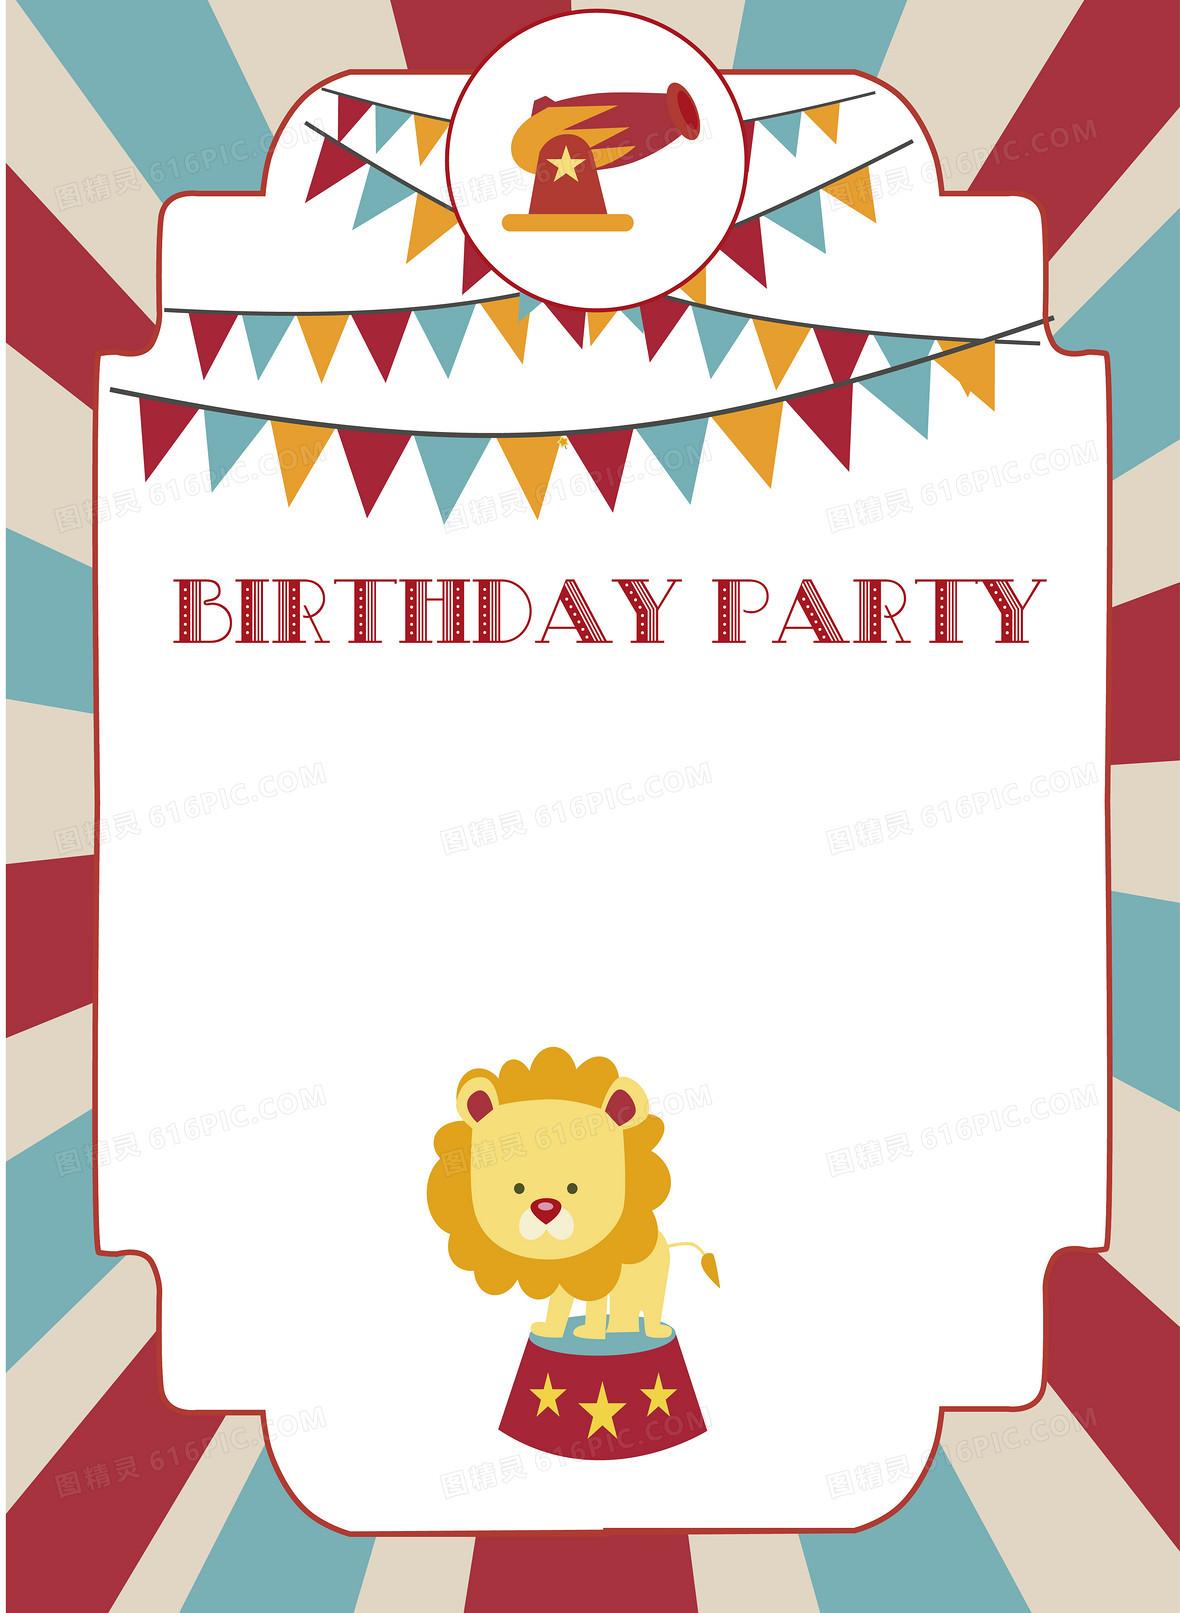 卡通小熊生日海报背景素材